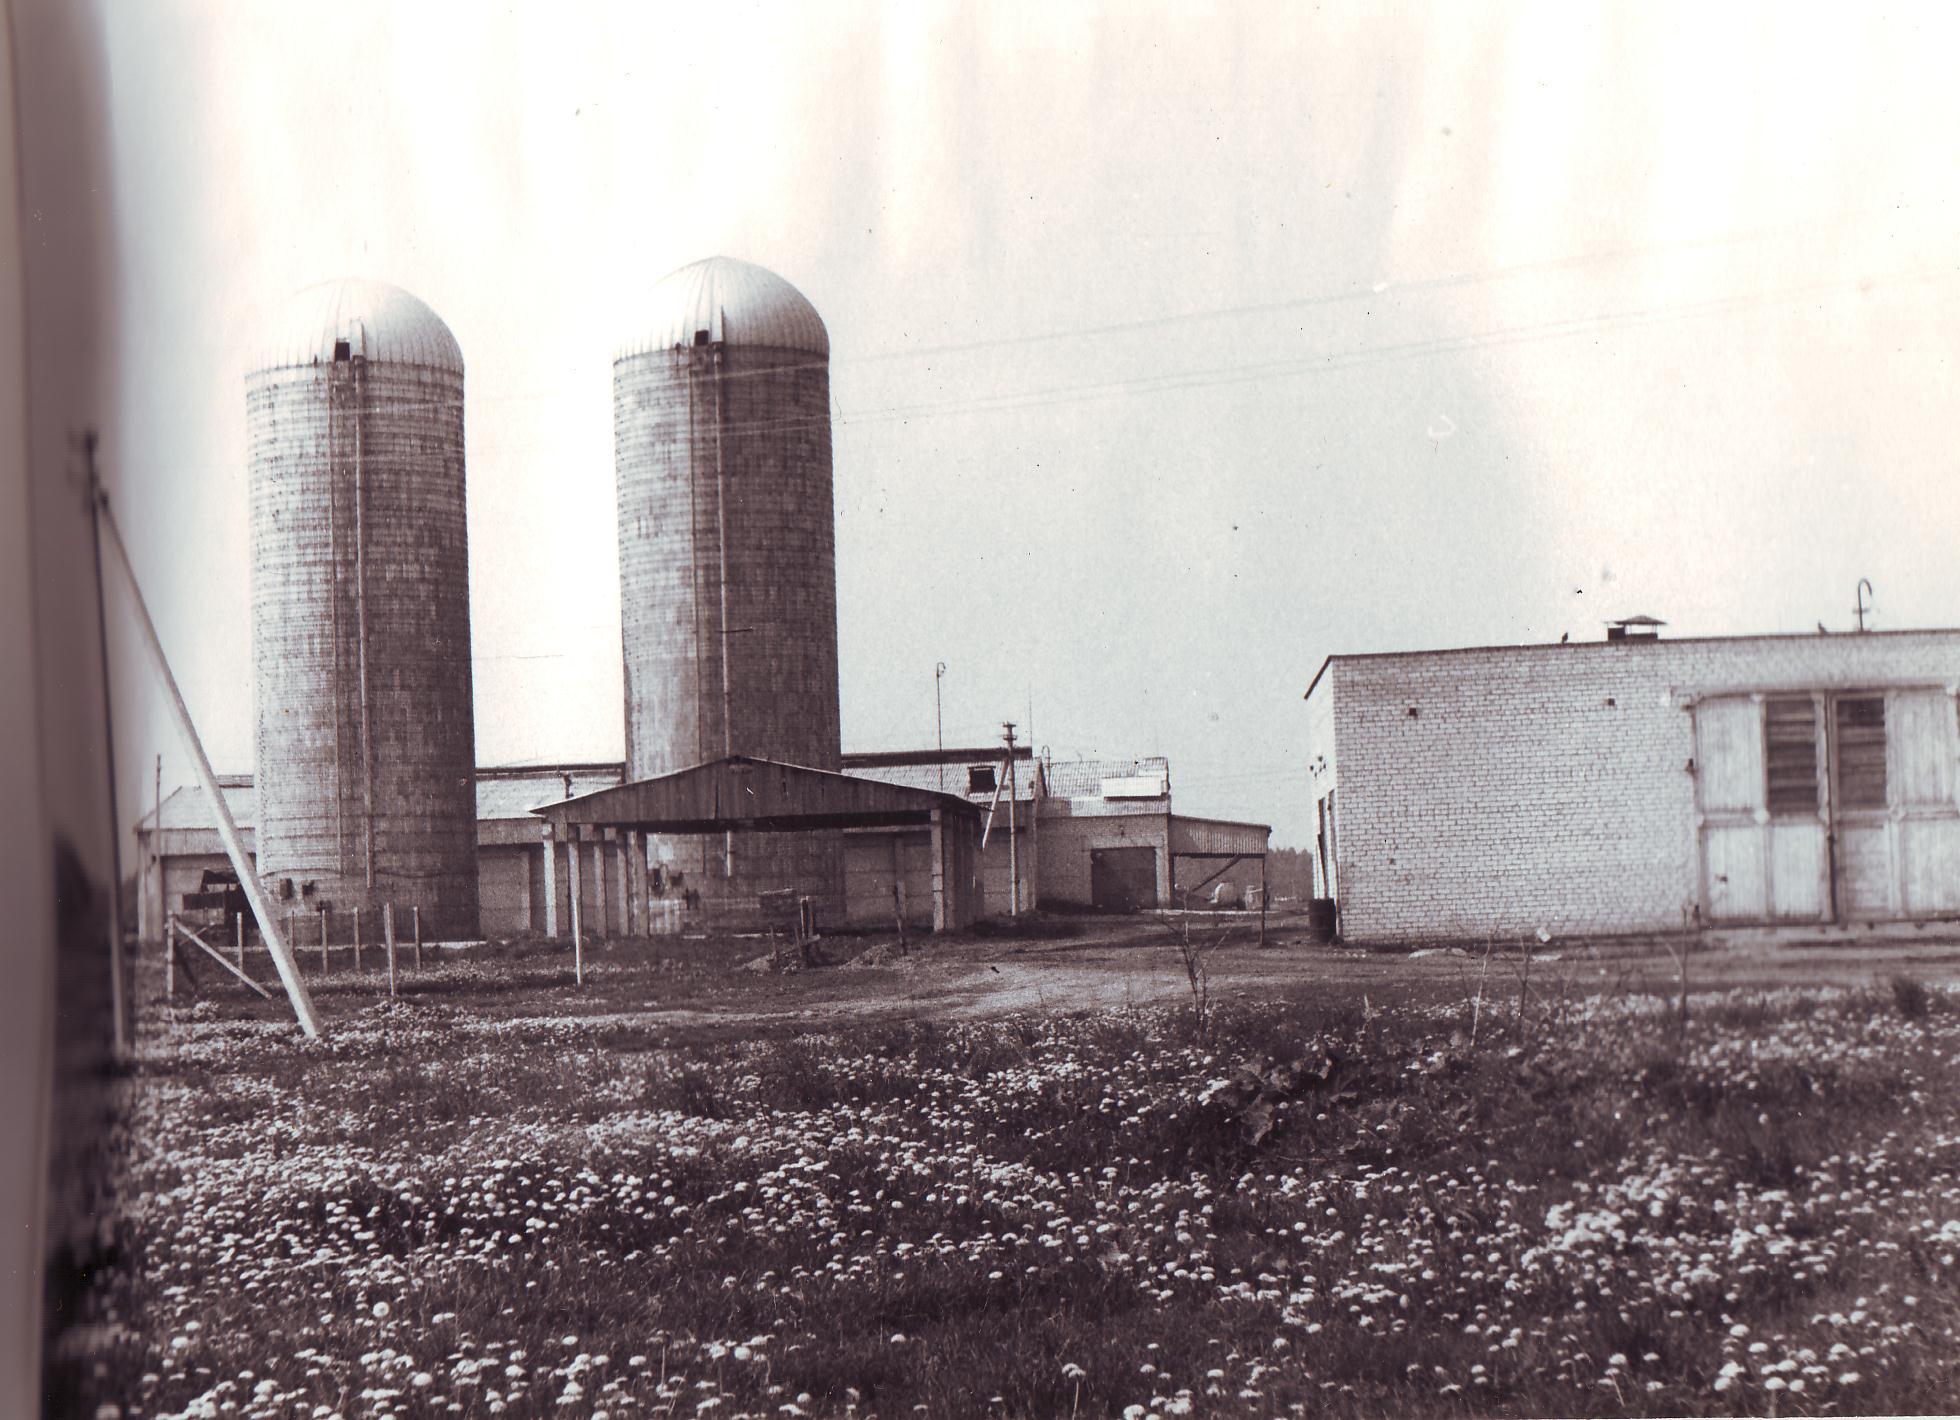 5 Negirva Karviu auginimo kompleksas 1985 m bus irenta melzeju apmokymo klase kurioje mokysis AVM mokiniai 80